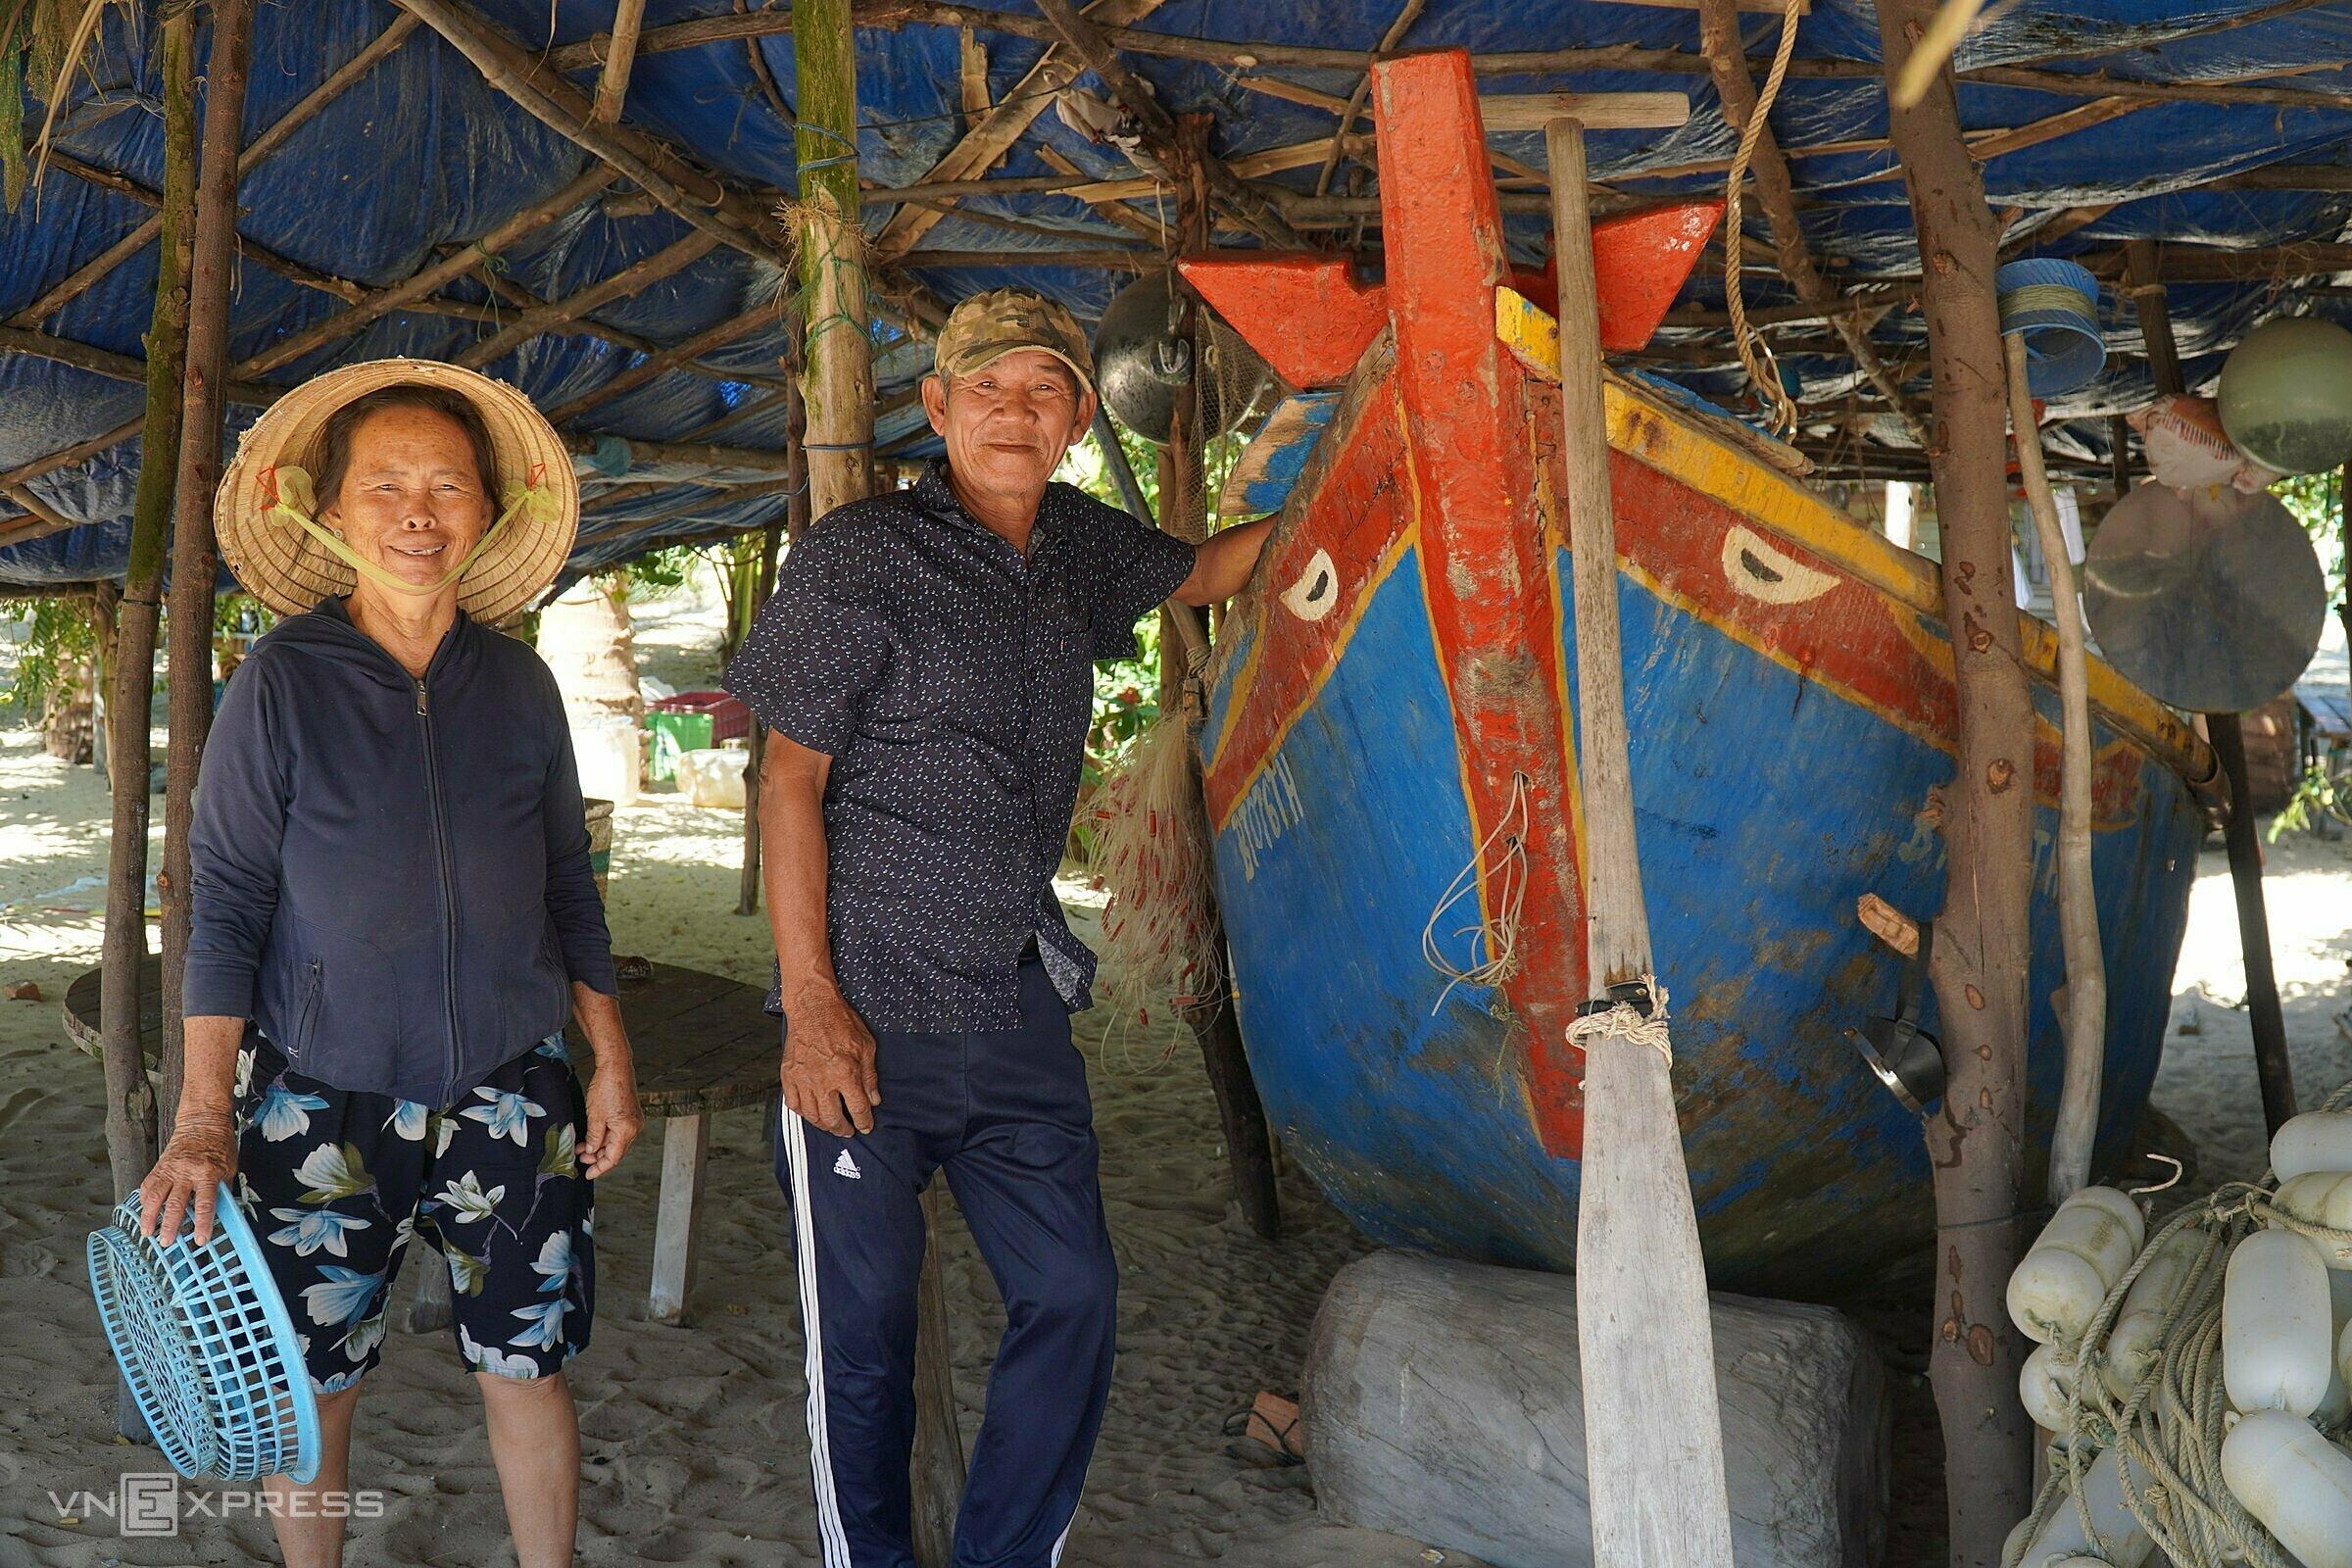 Vợ chồng ông Nguyễn Phụng bên con thuyền cũ được giữ lại suốt 4 năm qua. Ảnh: Việt Quốc